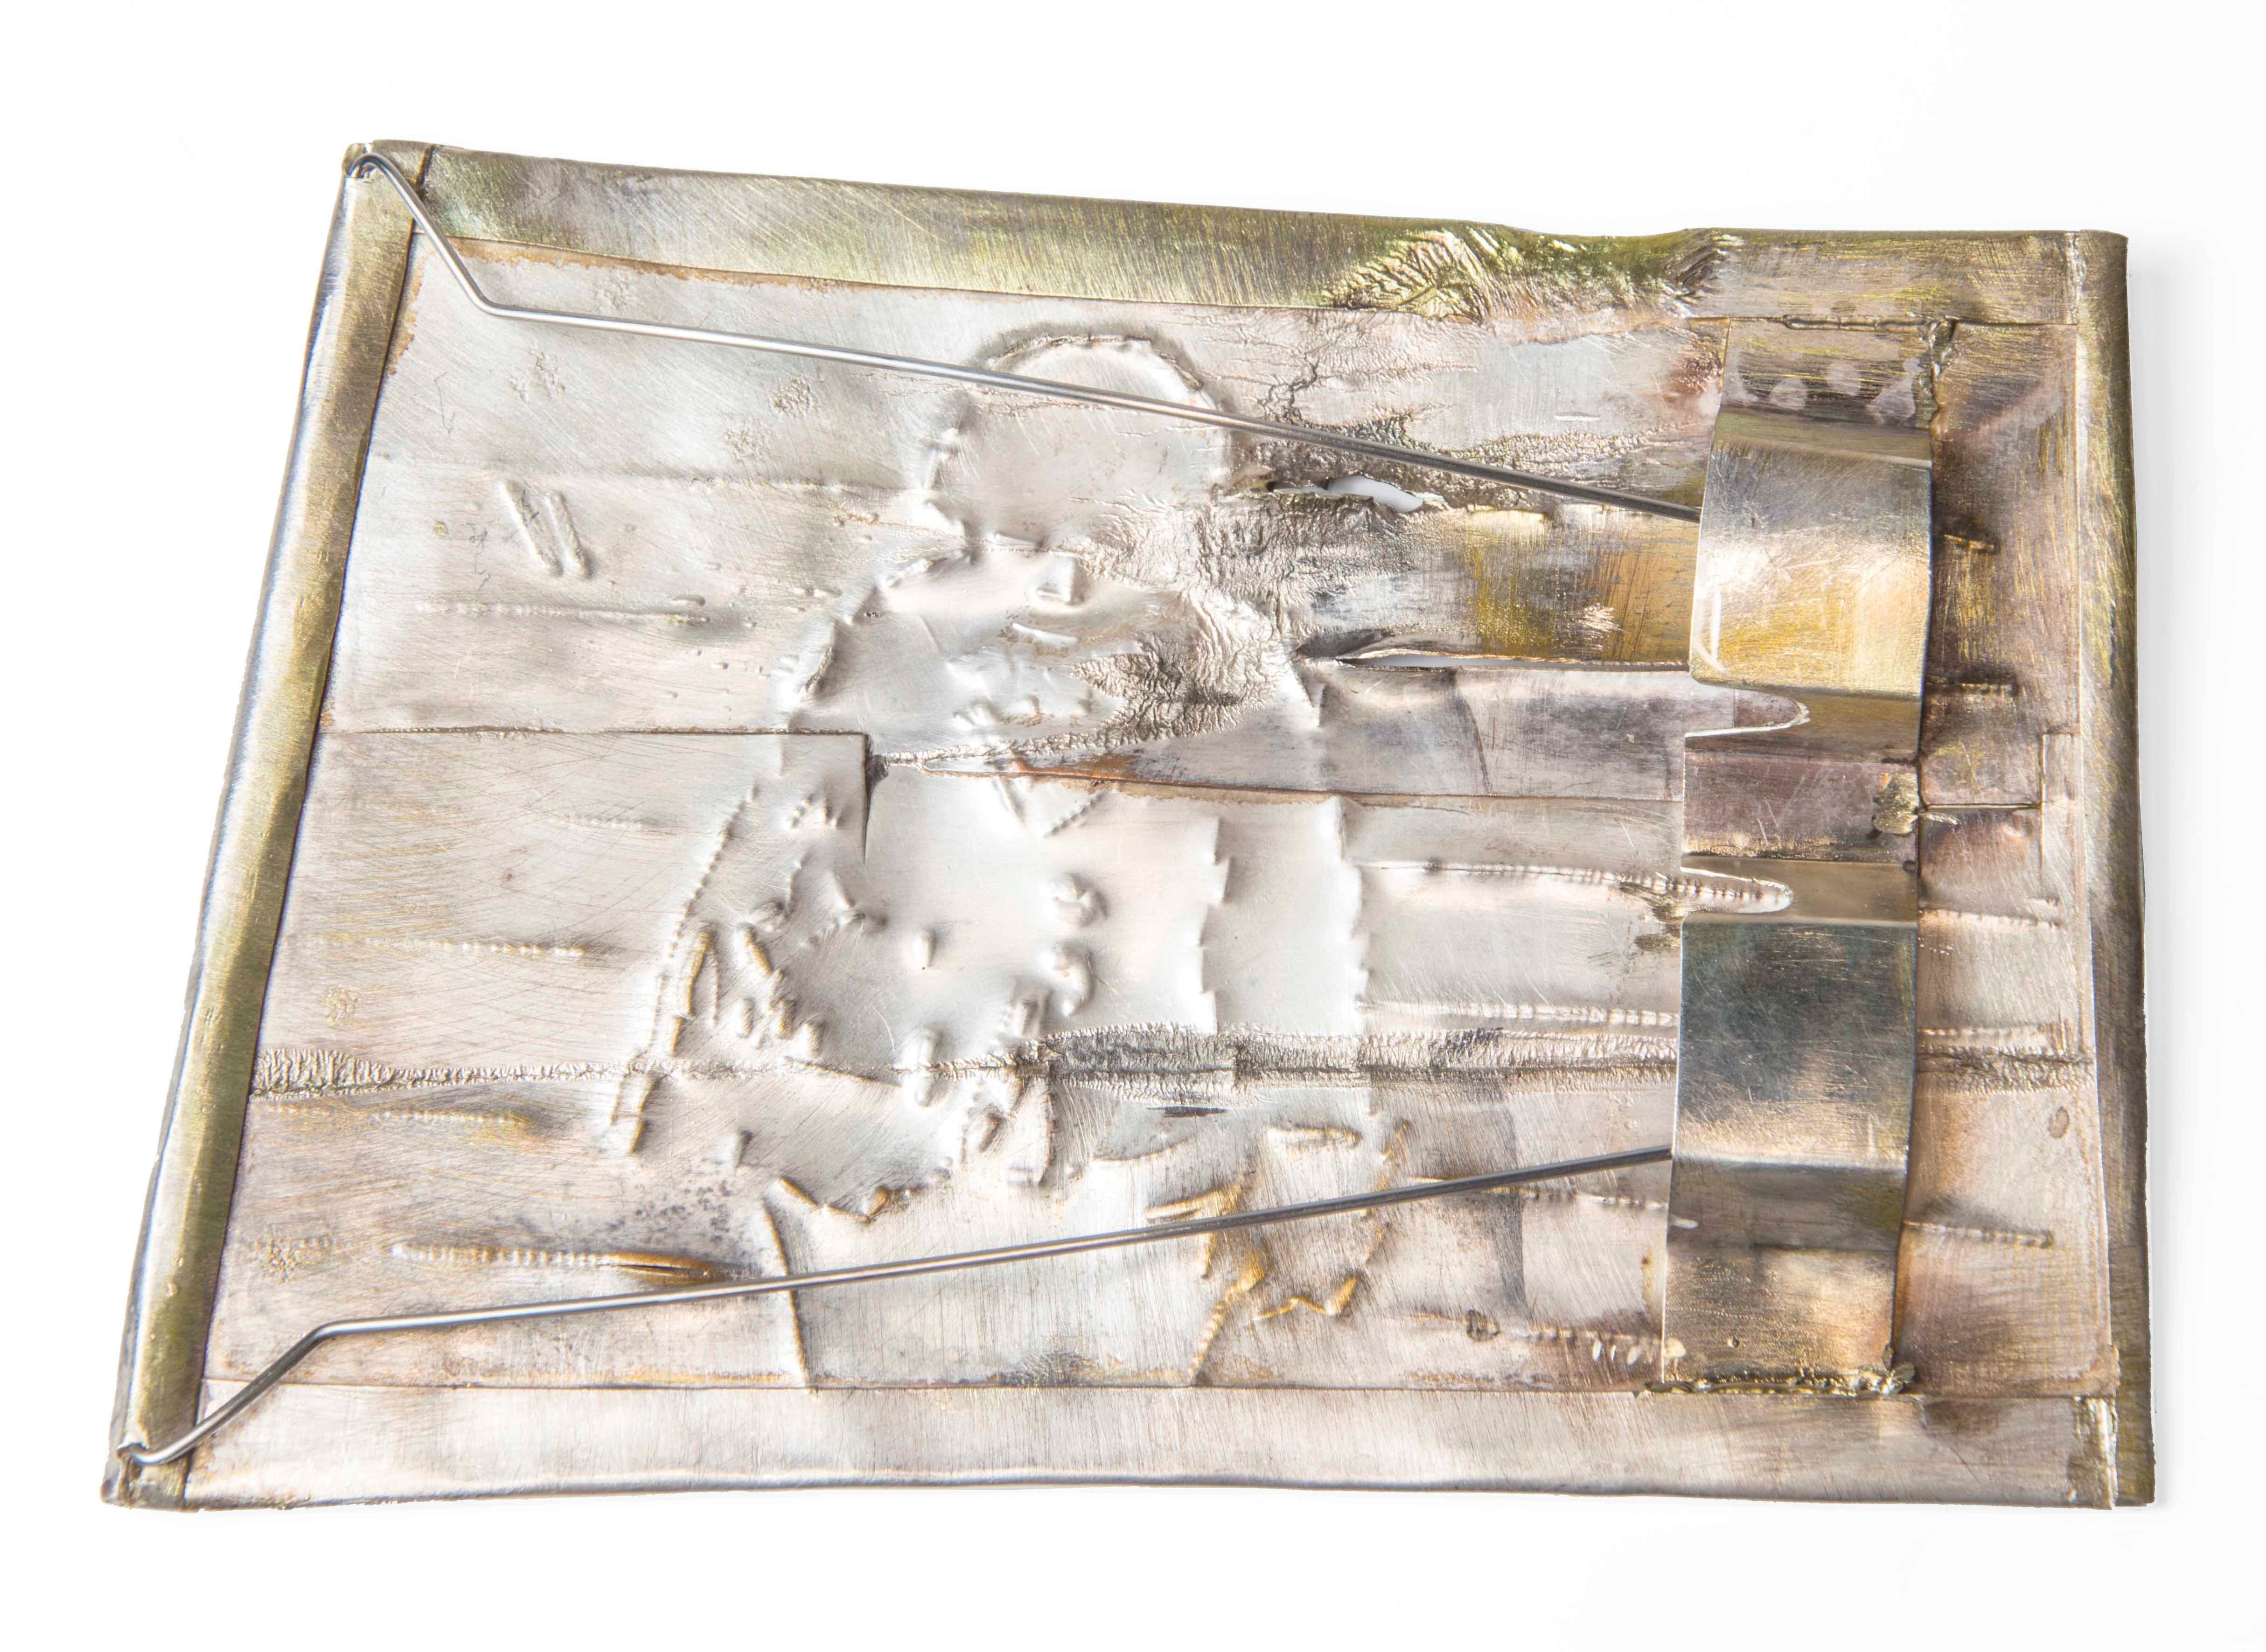 Rudolf Kocéa, Angela's lauf, broche, 2016, achterzijde. Collectie CODA, C005445. Foto met dank aan CODA©